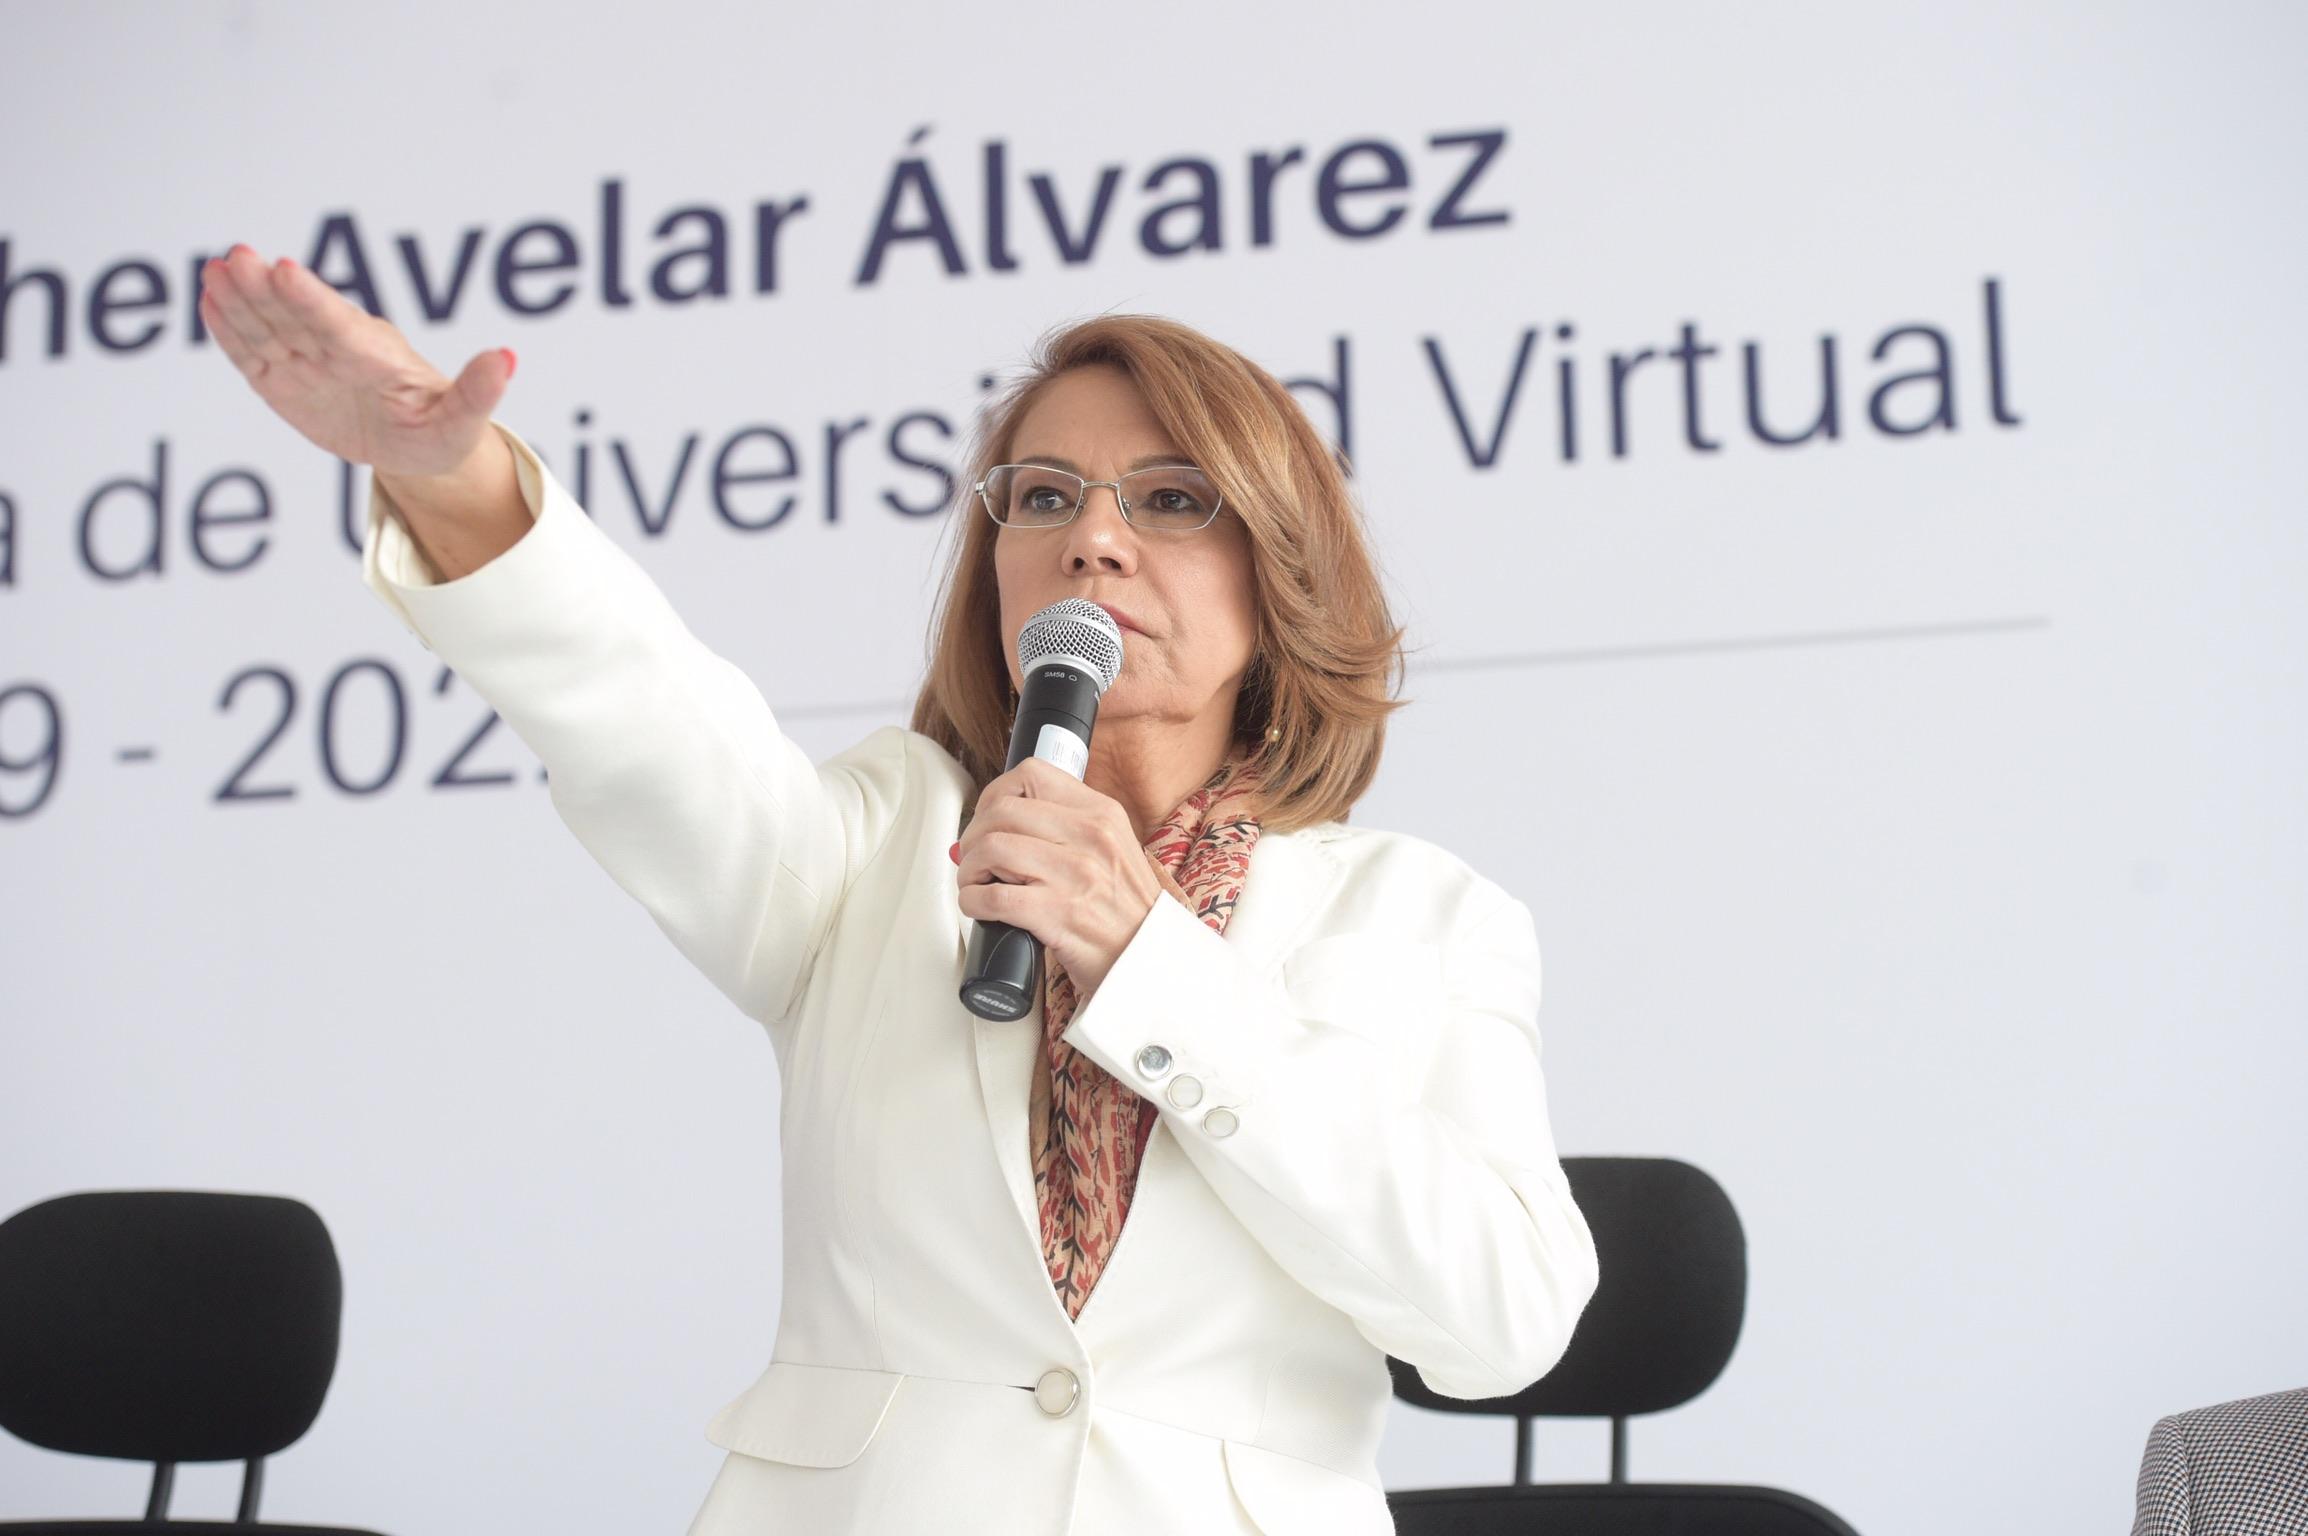 Doctora María Esther Avelar Álvarez, tomando protesta como Rectora del Sistema de Universidad Virtual (UDGVirtual), para el periodo 2019-2022